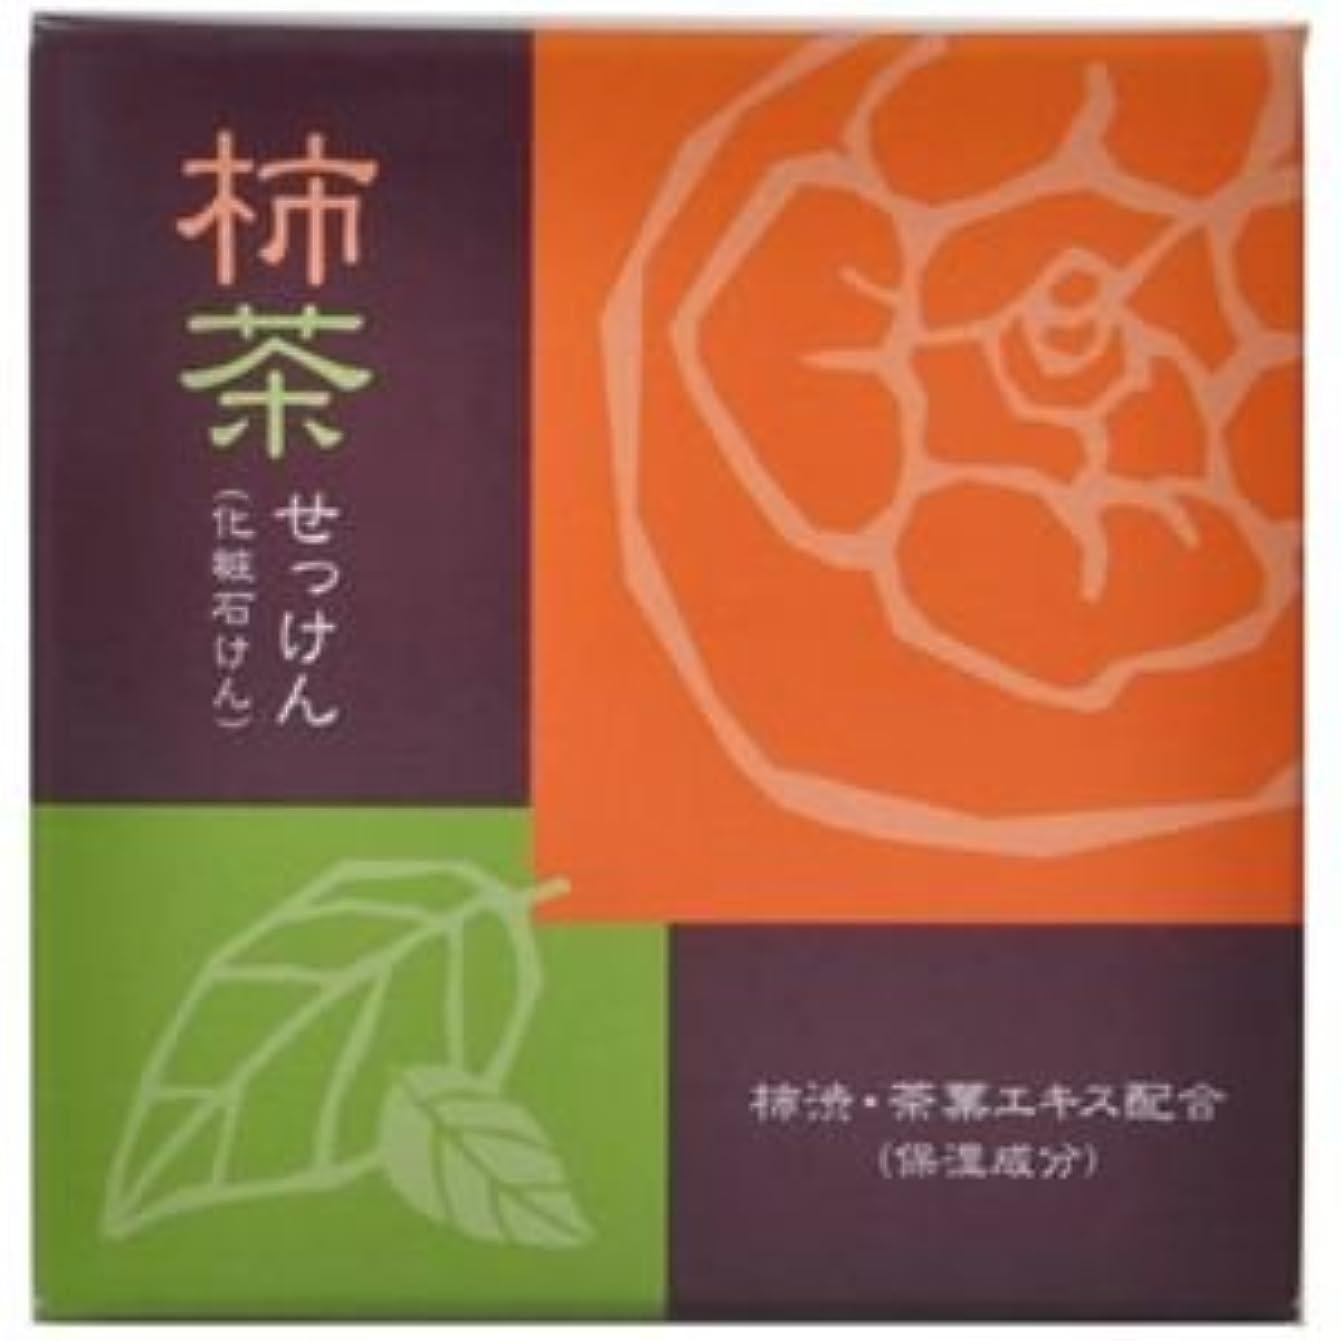 柿茶石けん 80g 【3セット】